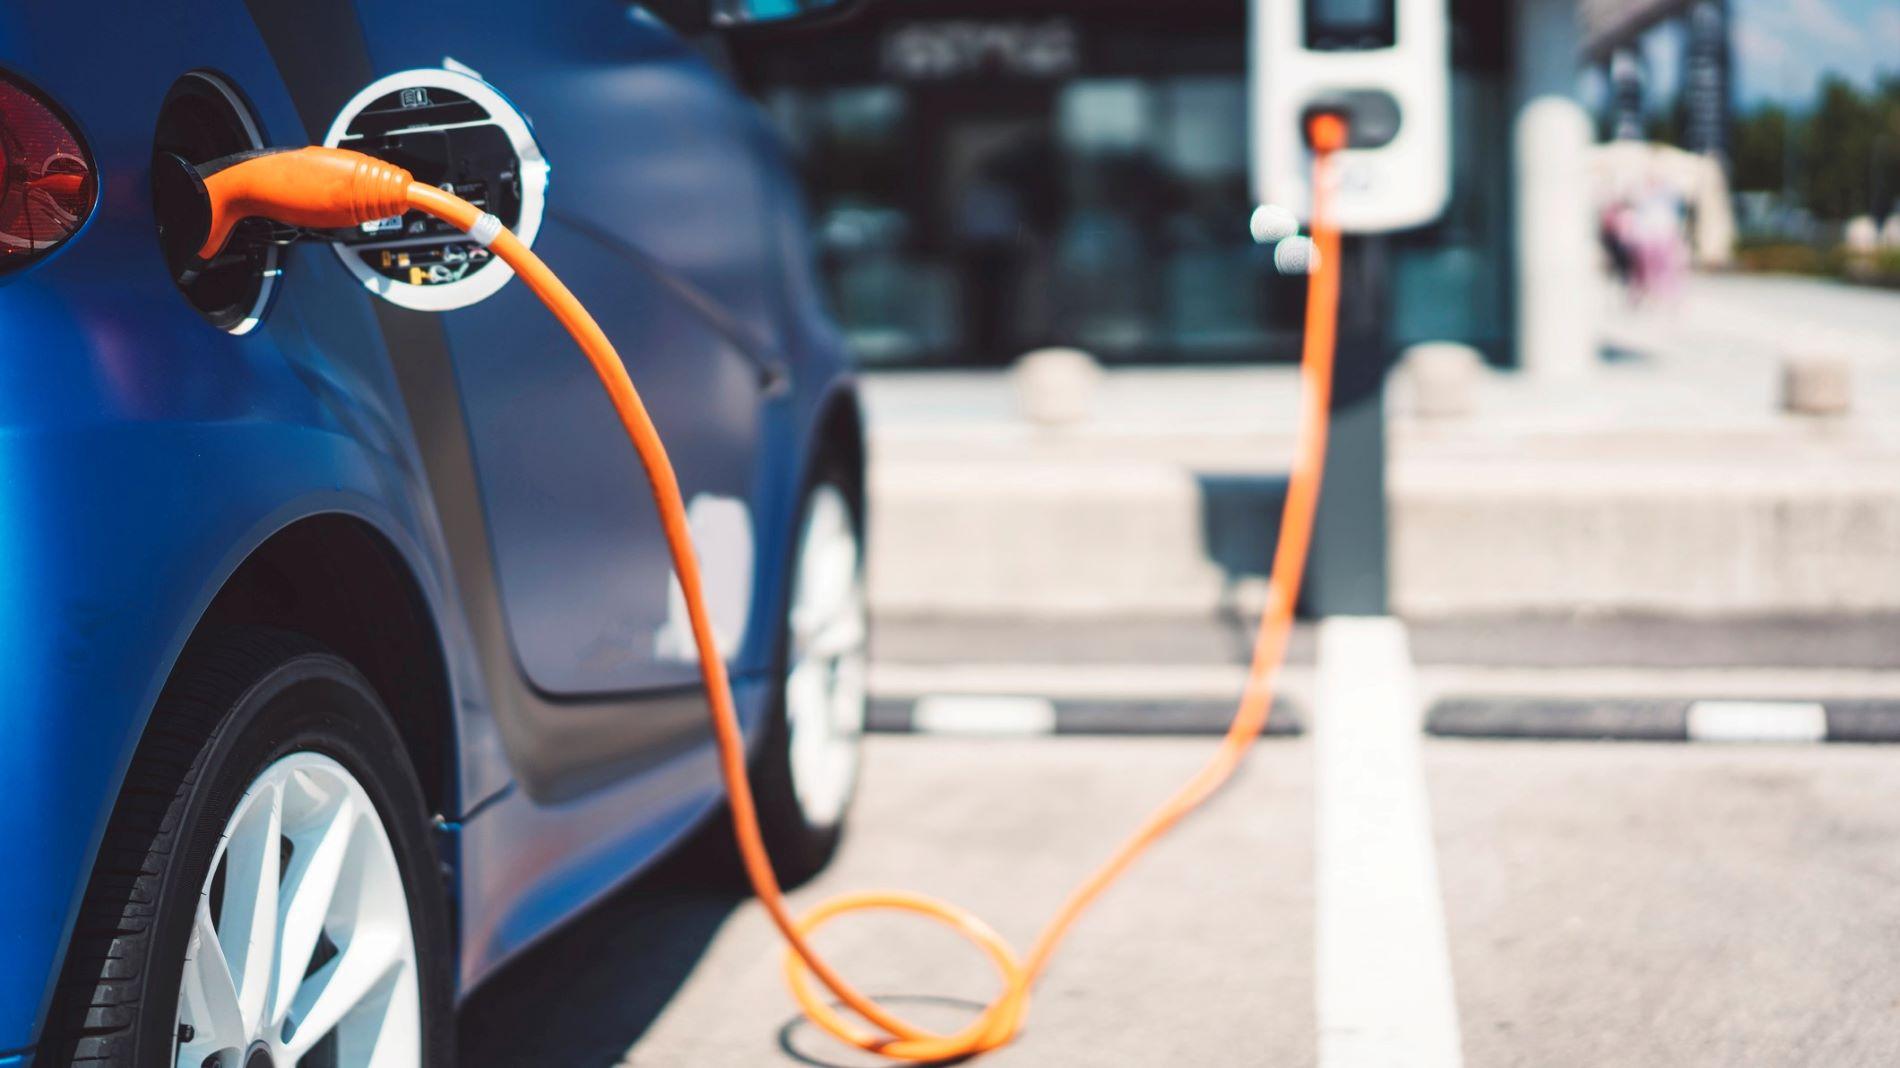 Convertir 50% des voitures françaises à l'électrique pourrait coûter 500 milliards d'euros